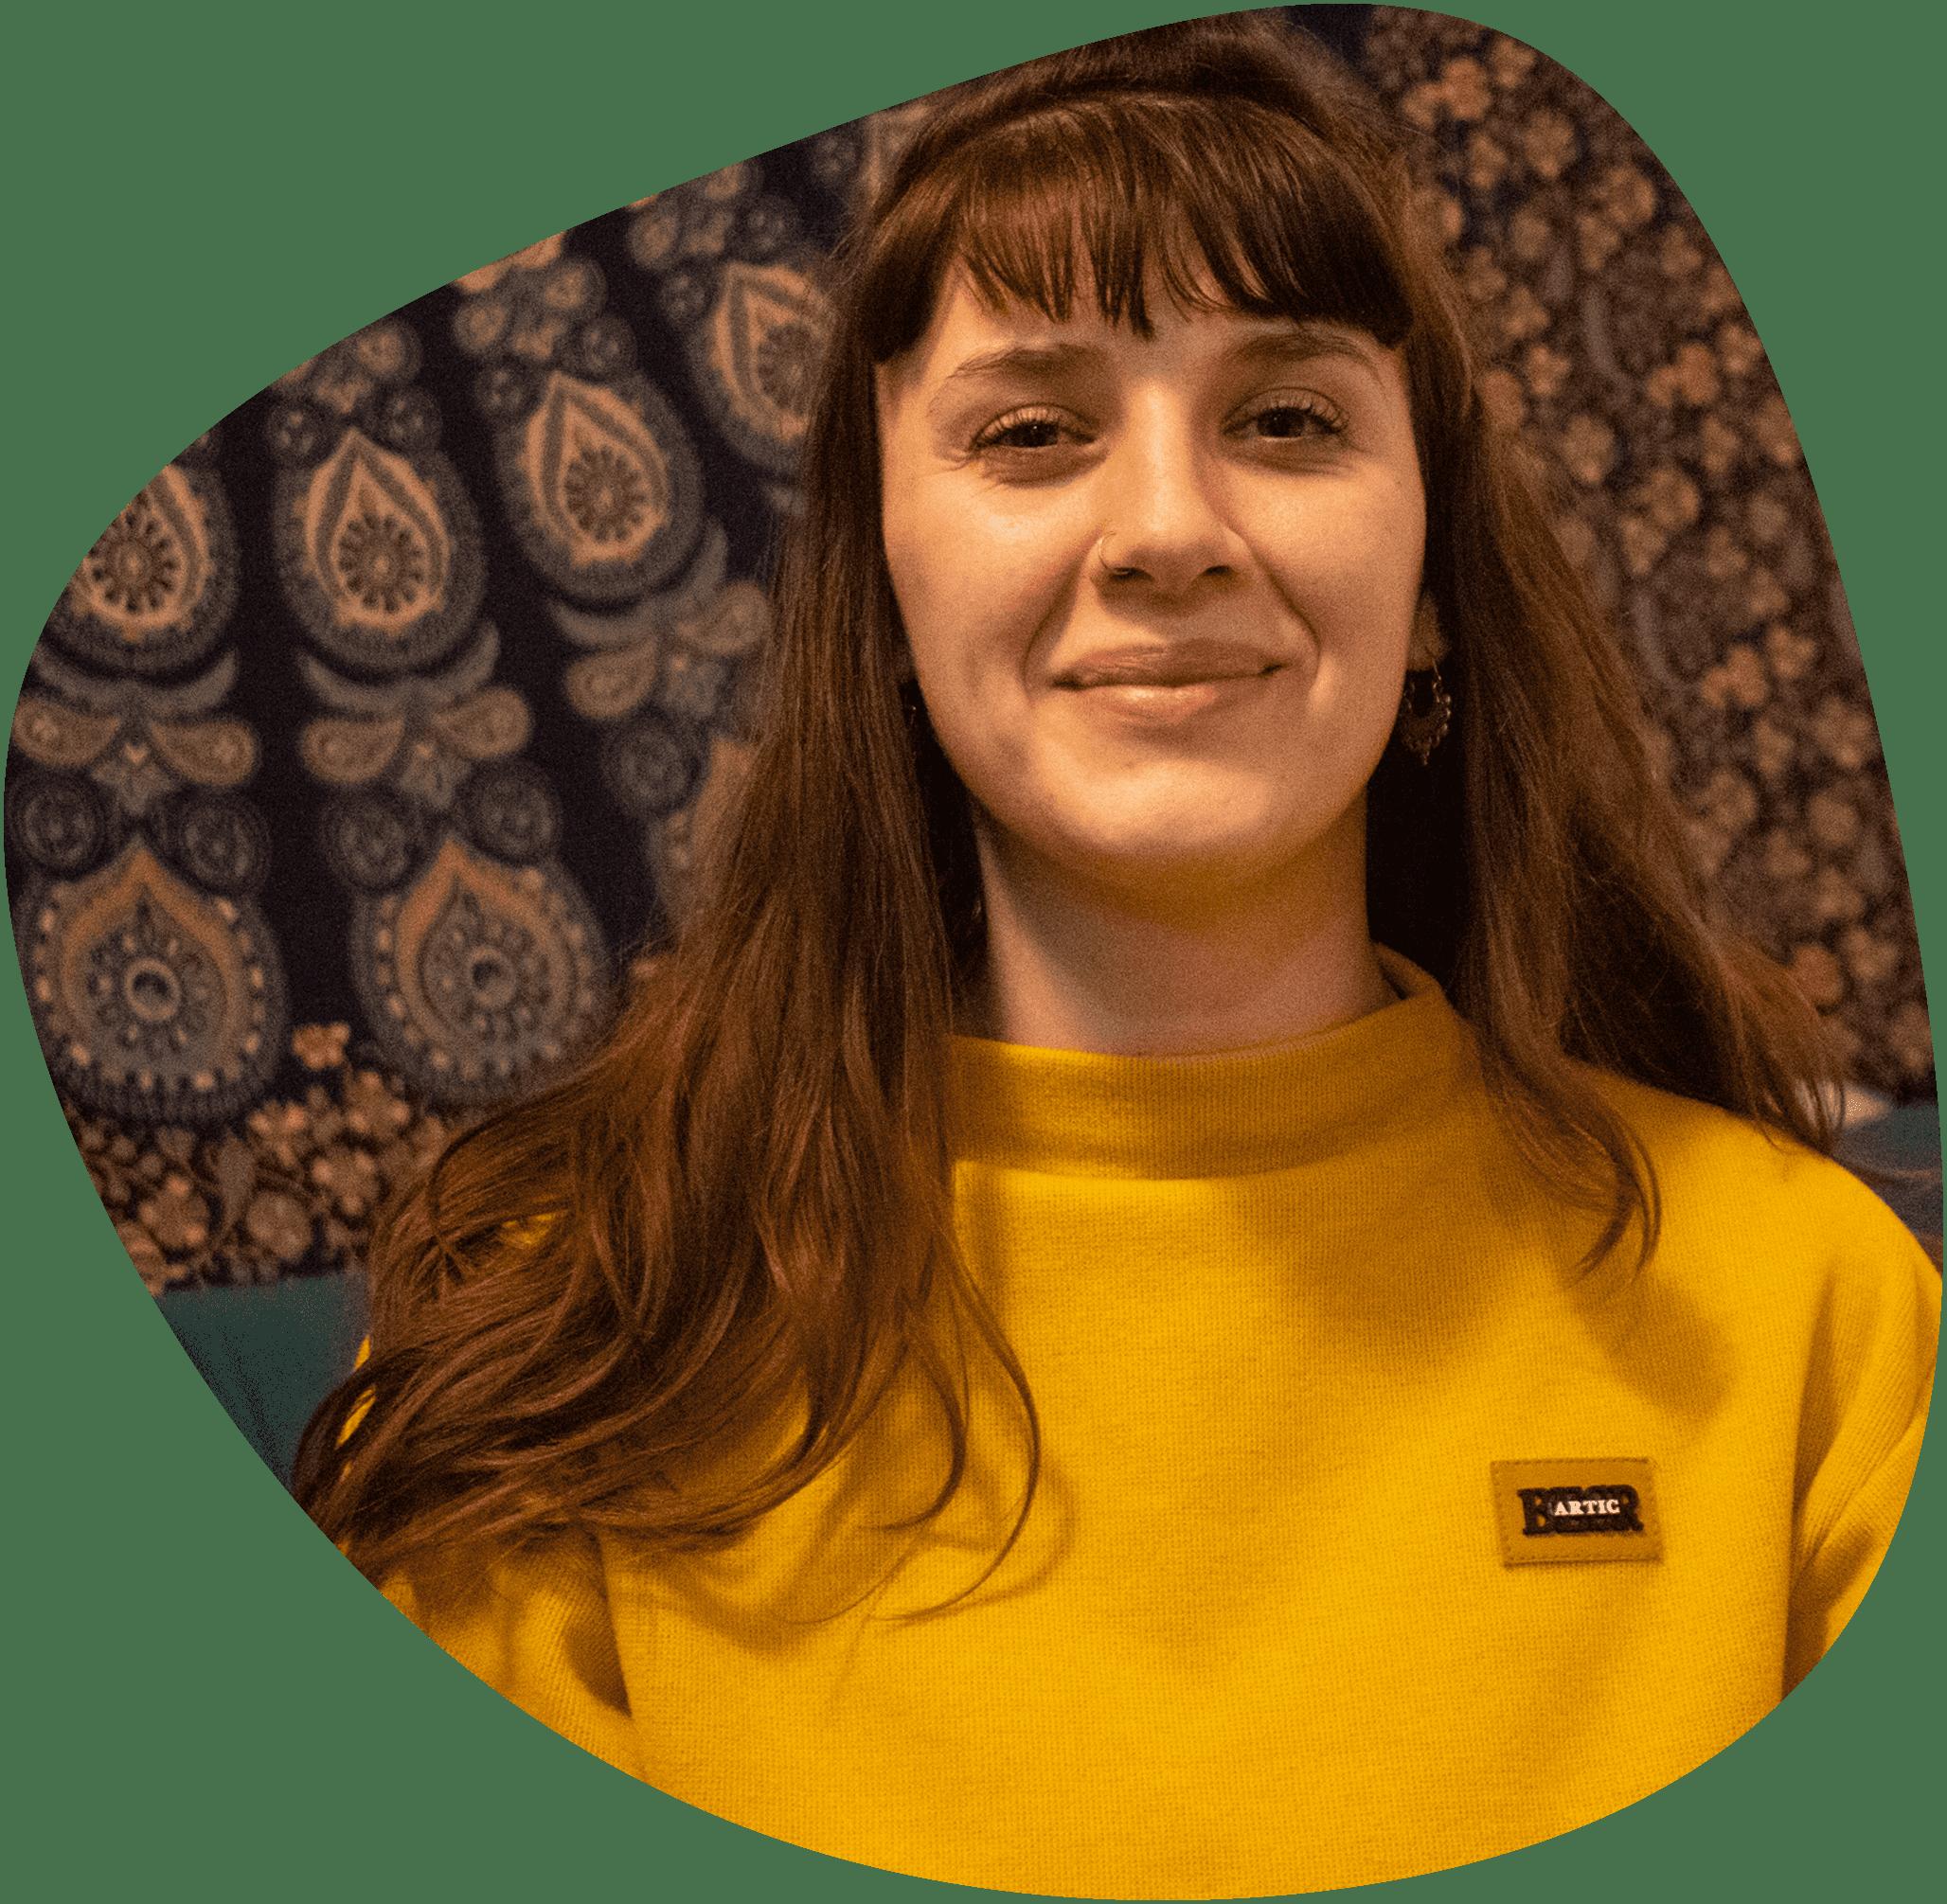 Lara-testimonial